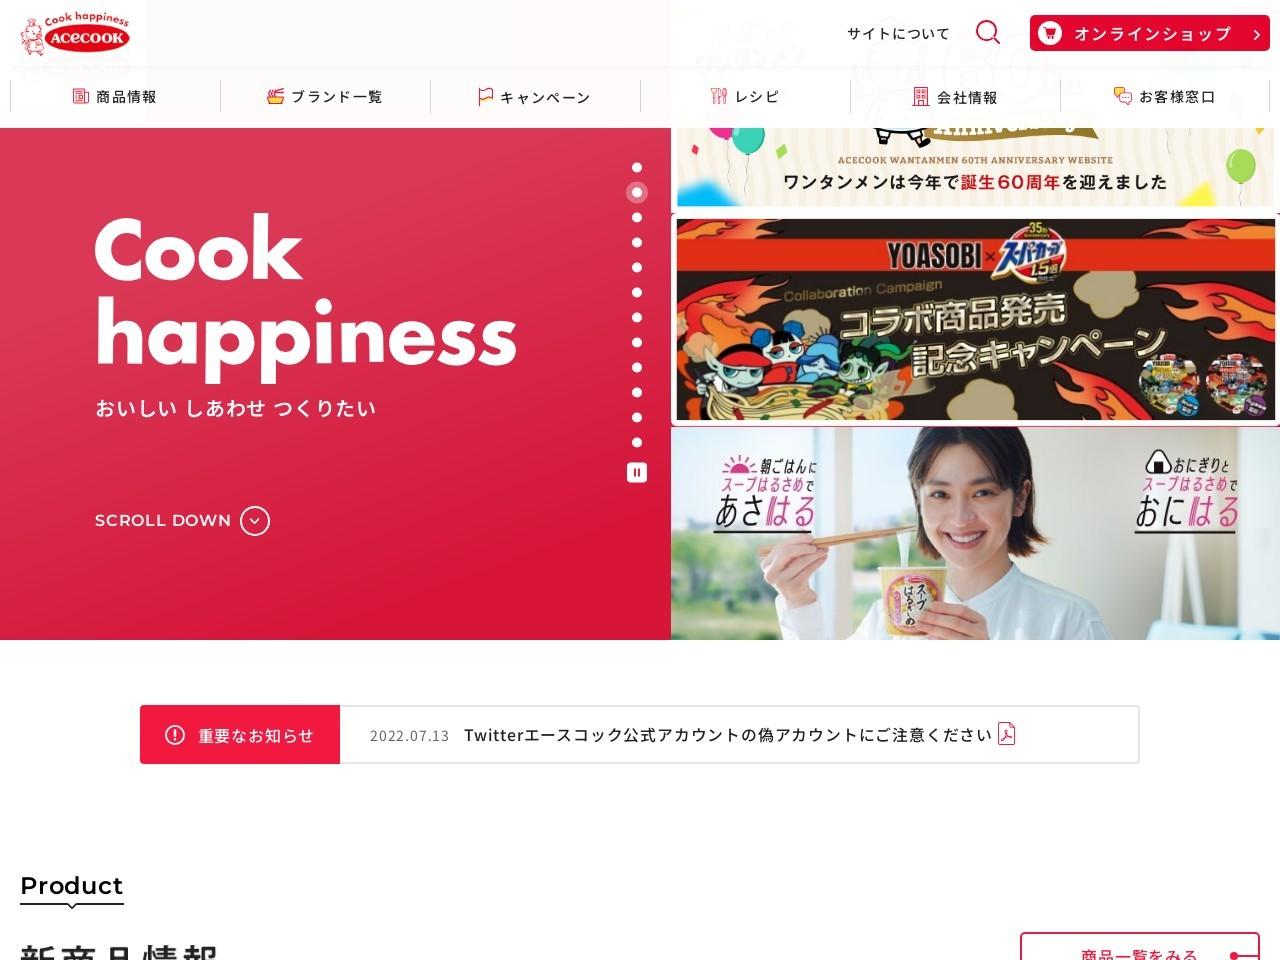 http://www.acecook.co.jp/taishoken/tie-up.html